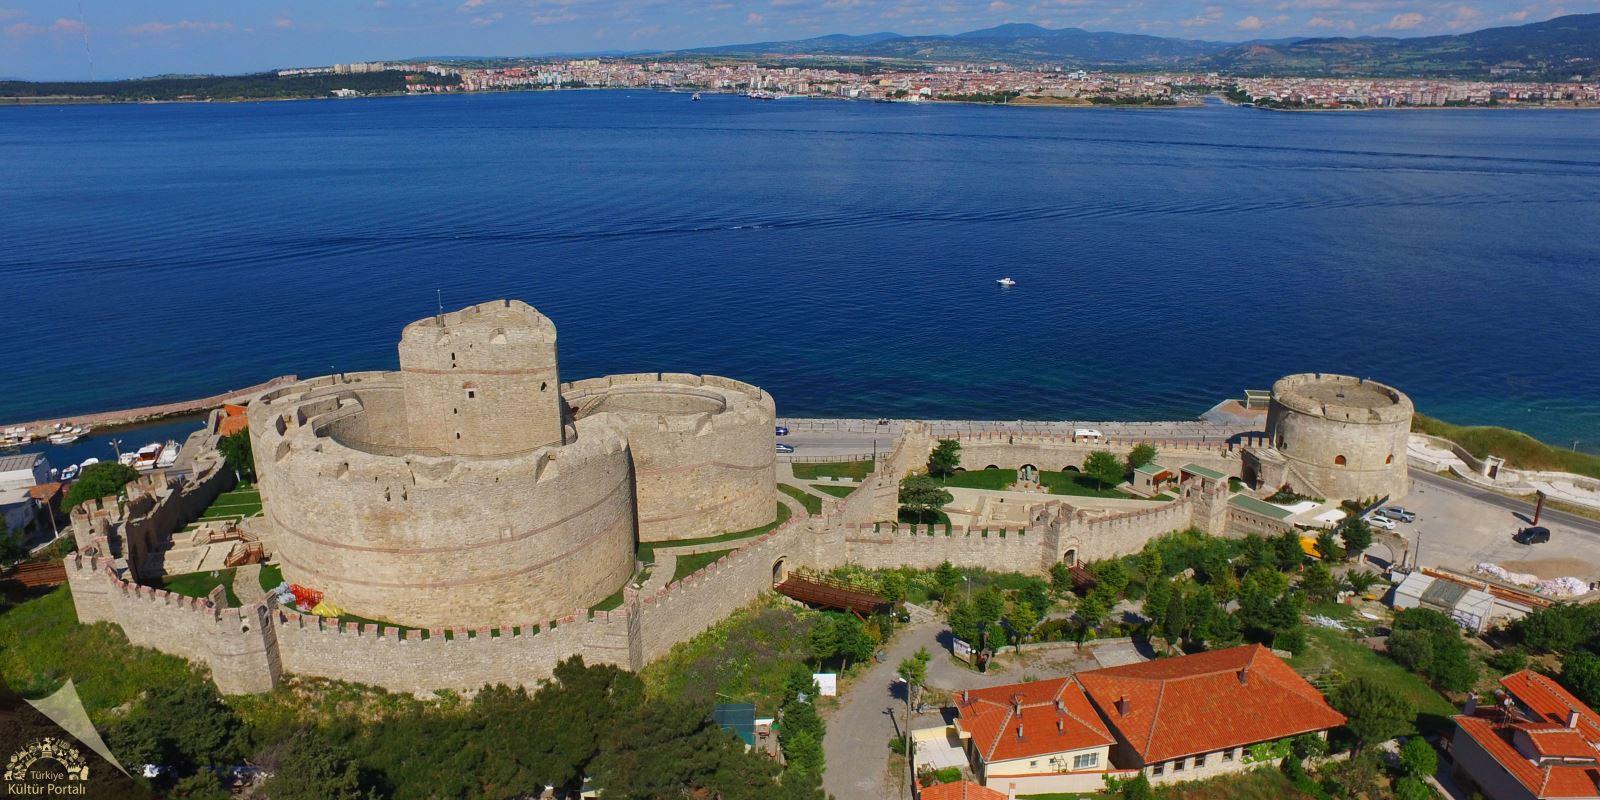 Kültür ve Turizm Bakanlığı açıkladı: Türkiye'nin en görkemli kaleleri!